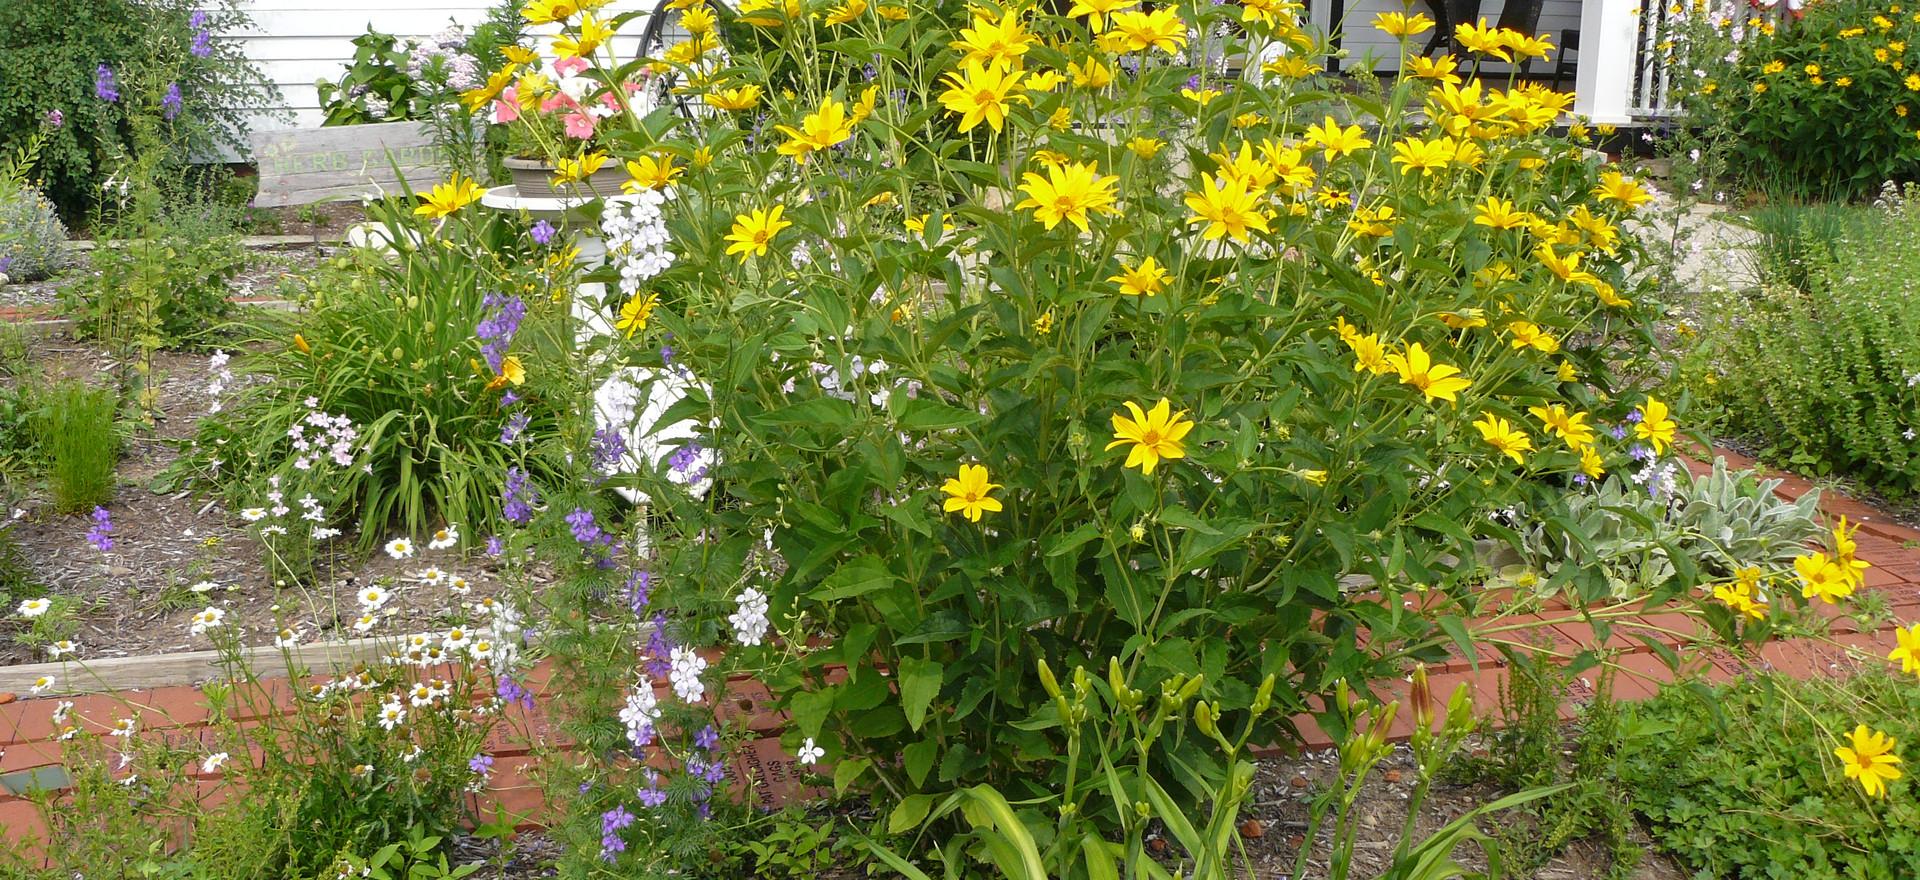 Our Garden July  2013 007.JPG